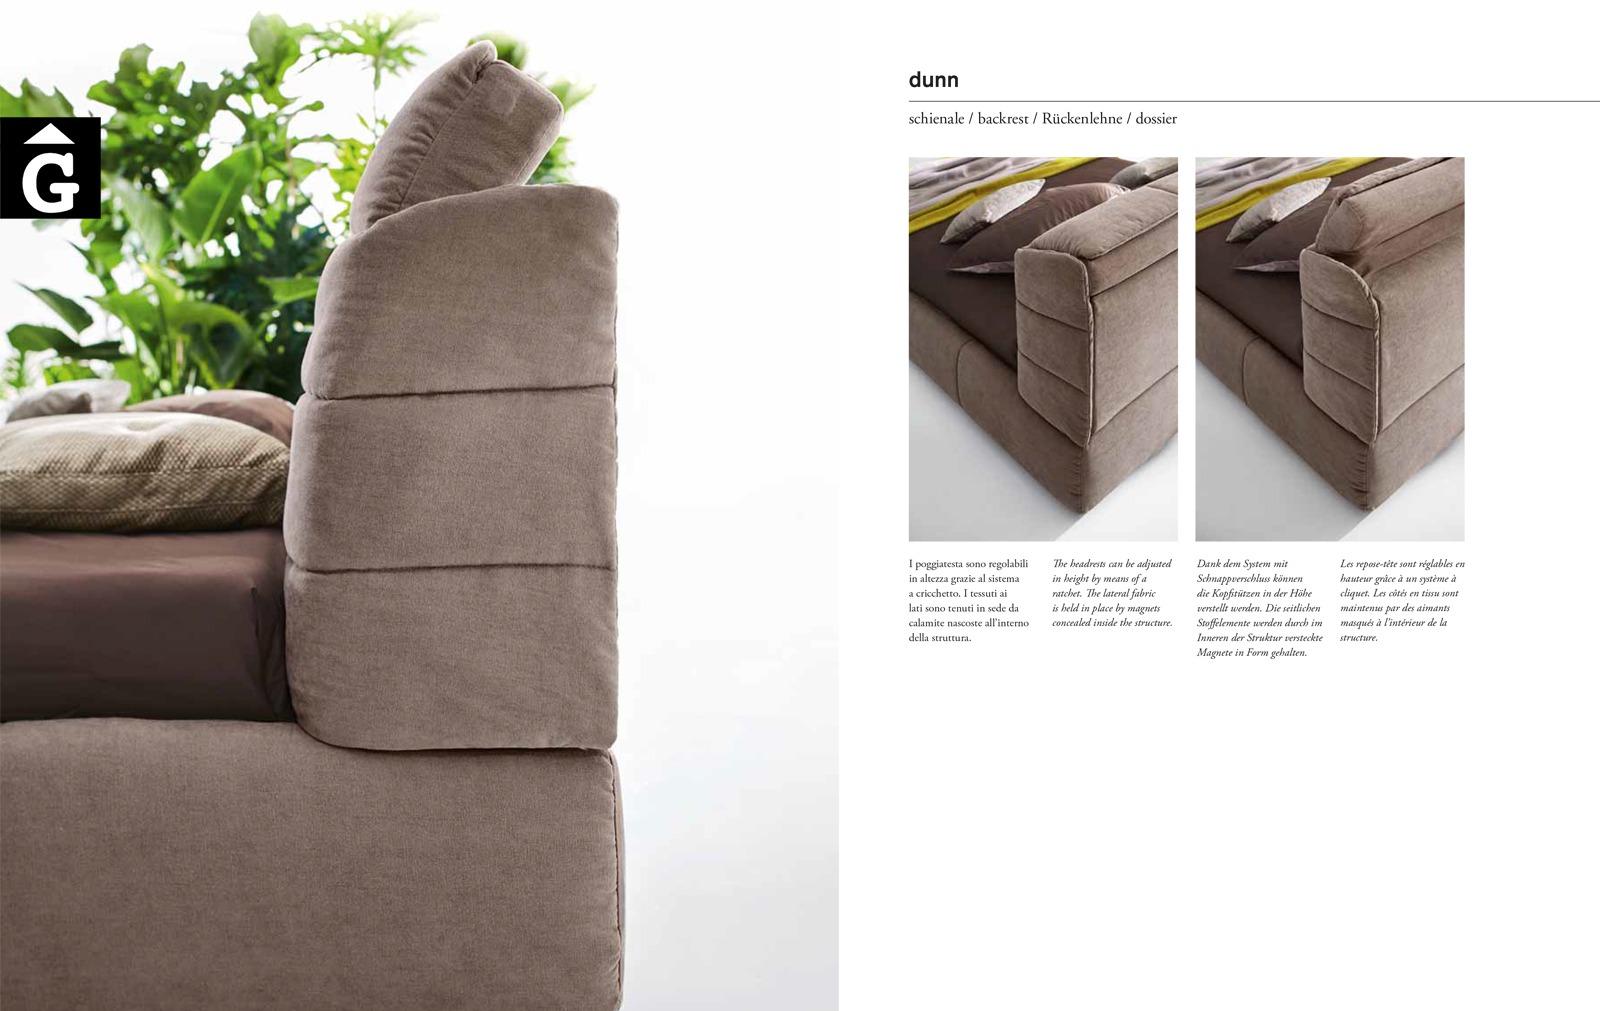 Dunn detall llit – Ditre Italia llits entapissats disseny i qualitat alta by mobles Gifreu